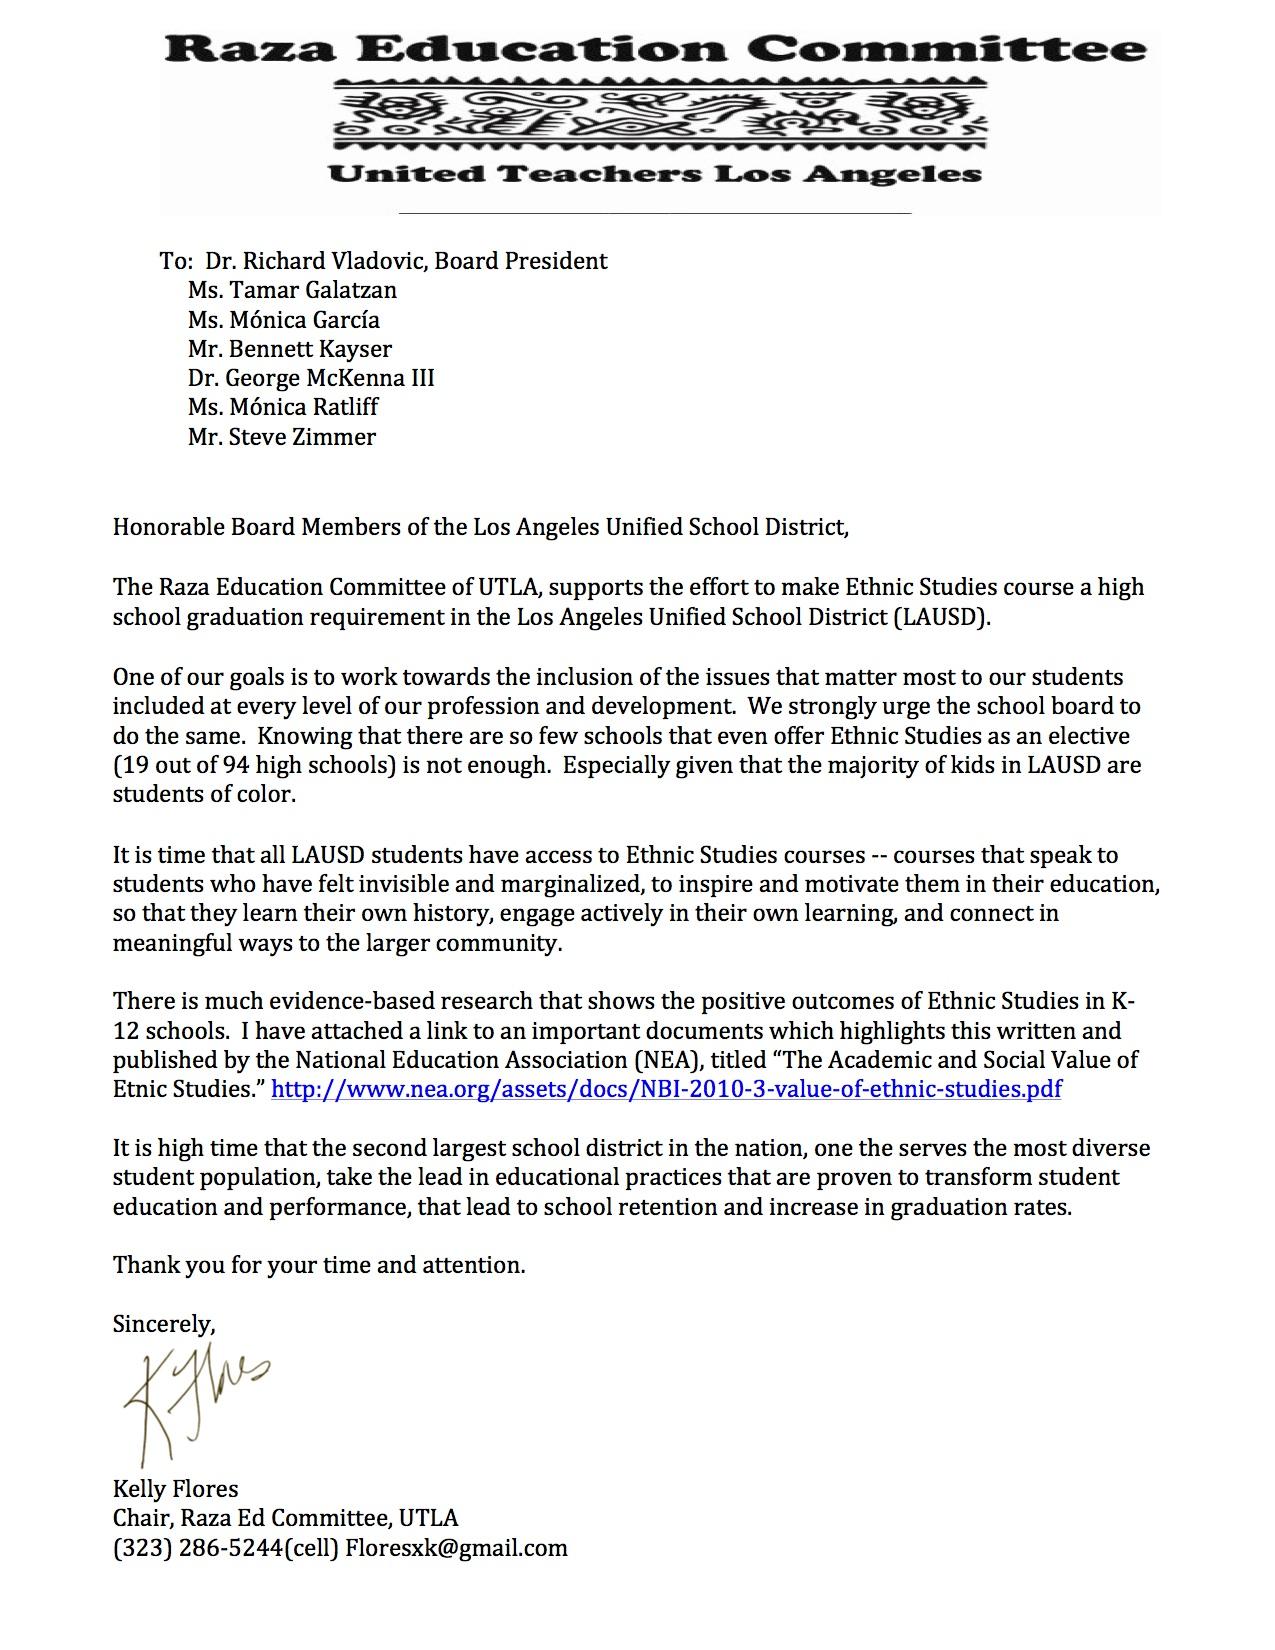 Raza_Ed_Committee_UTLA_-_Ethnic_Studies_letter.jpg